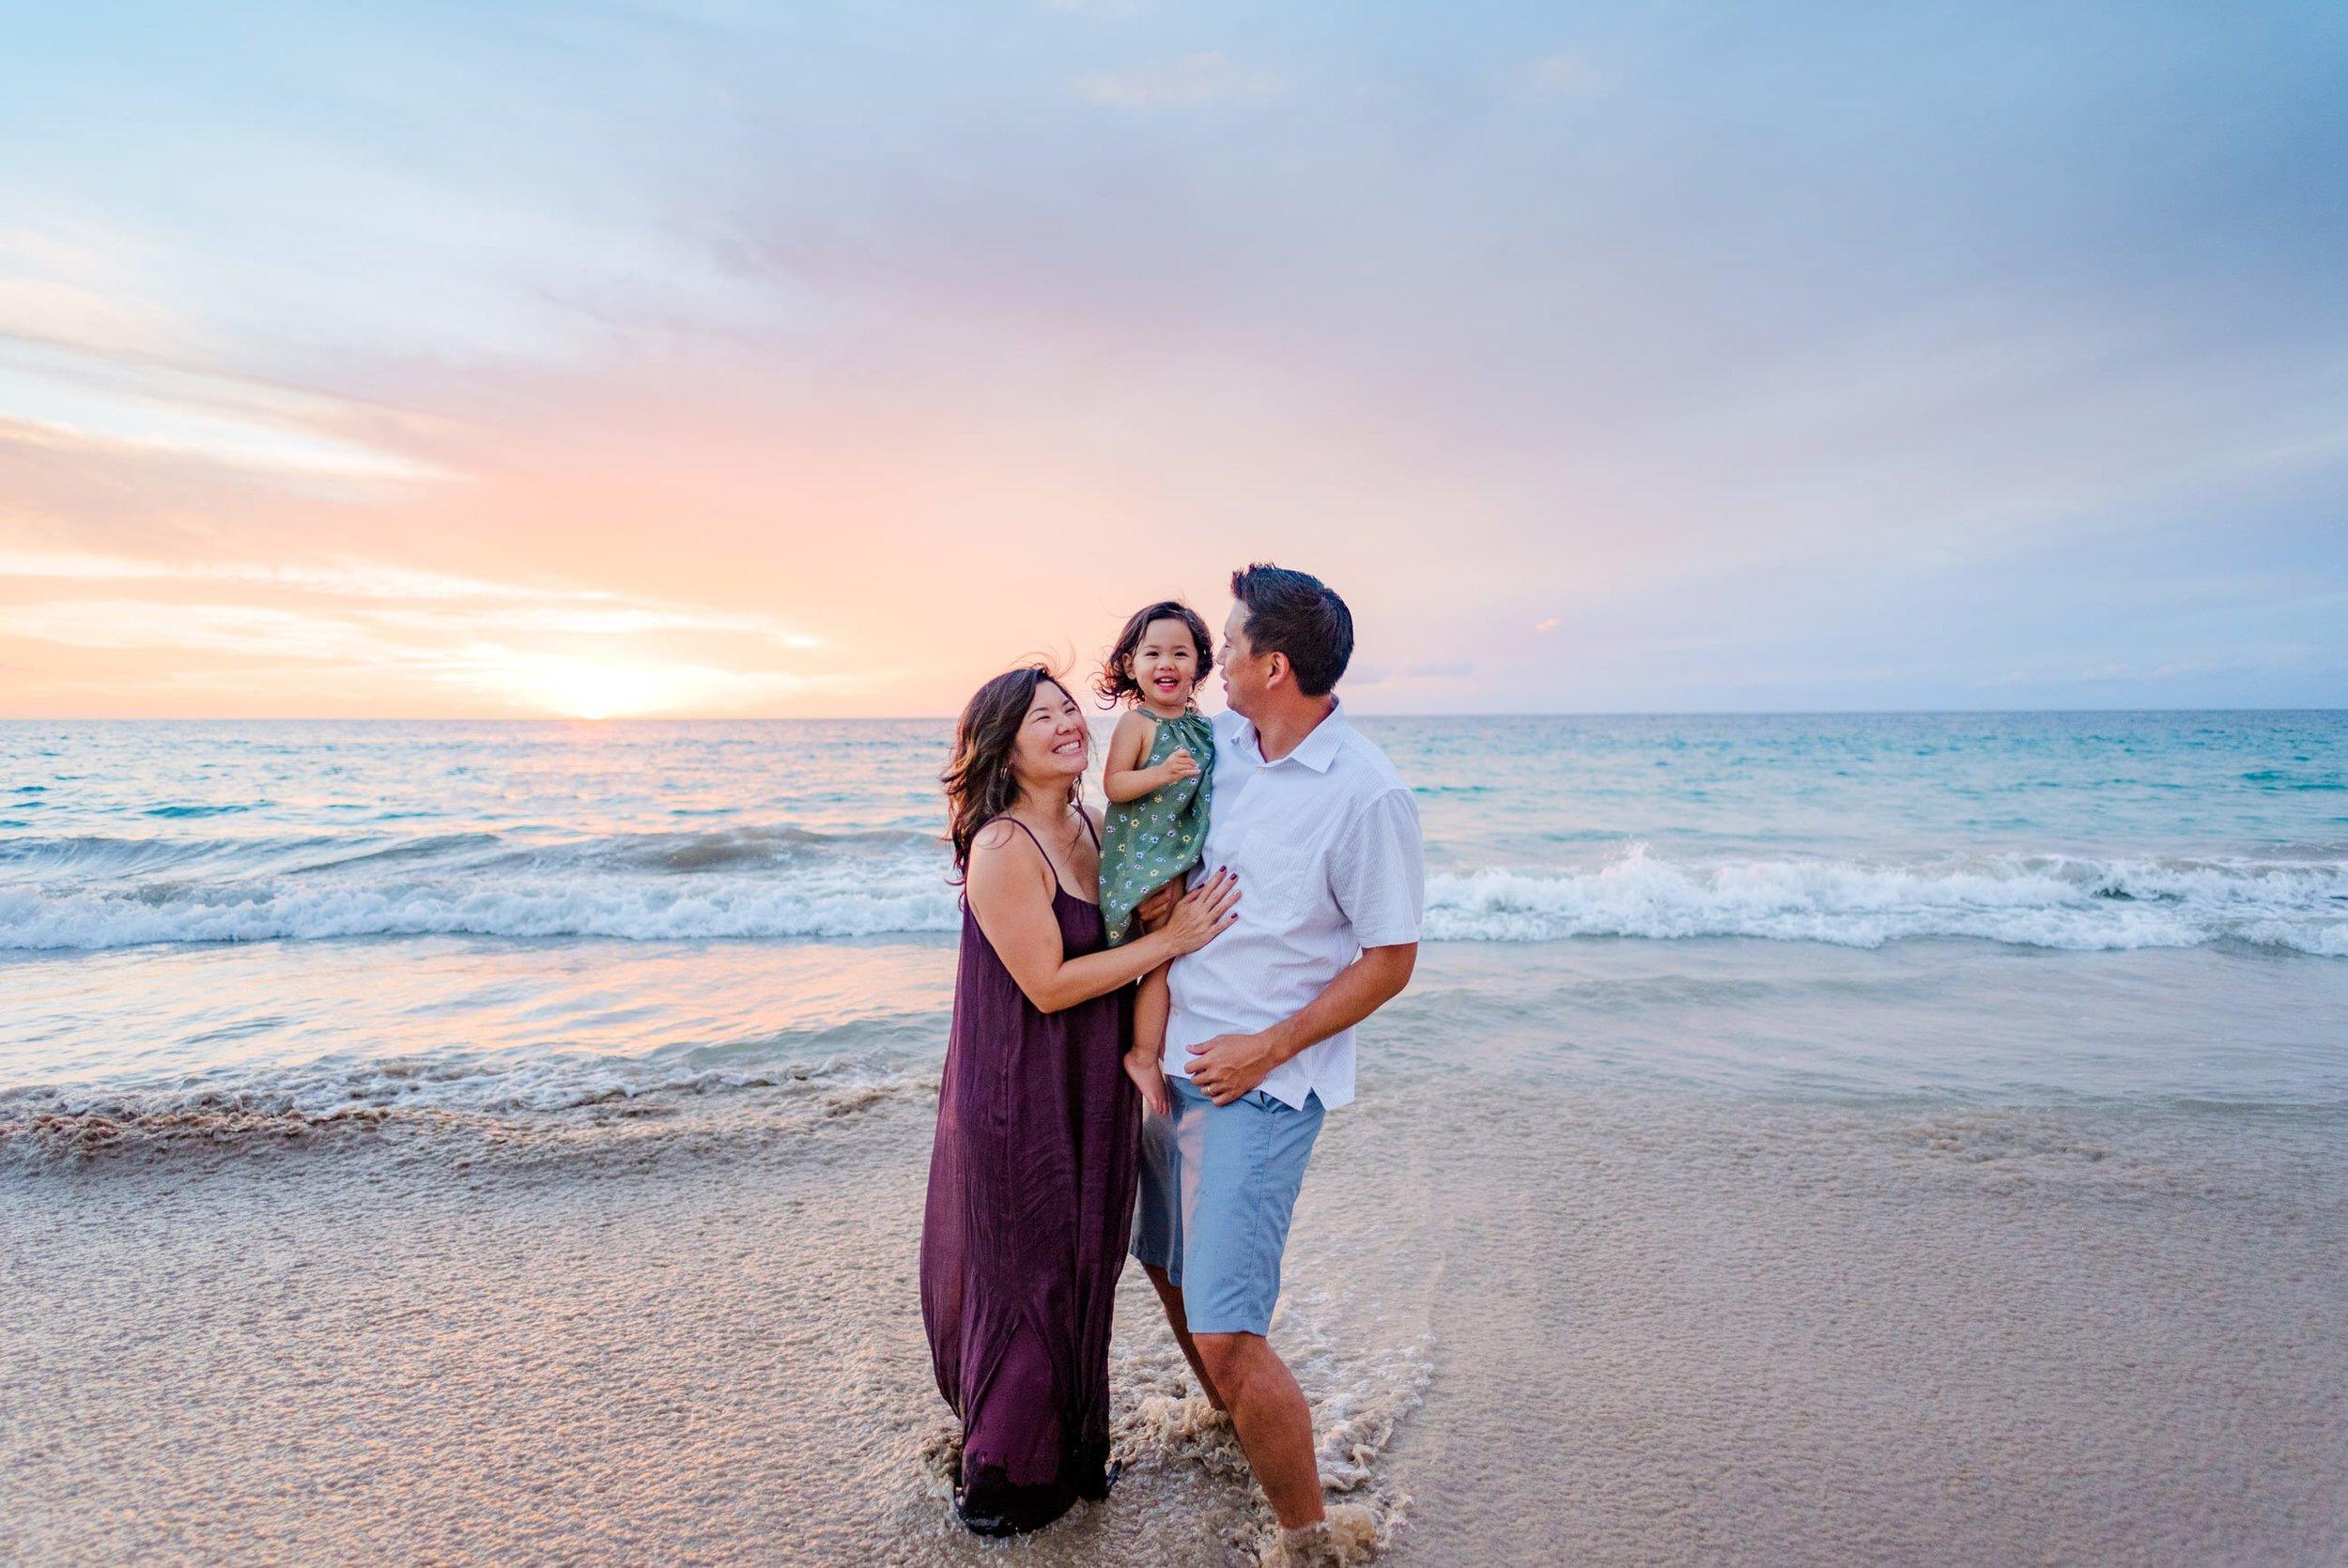 Kona-Photographer-Family-Sunset-14.jpg